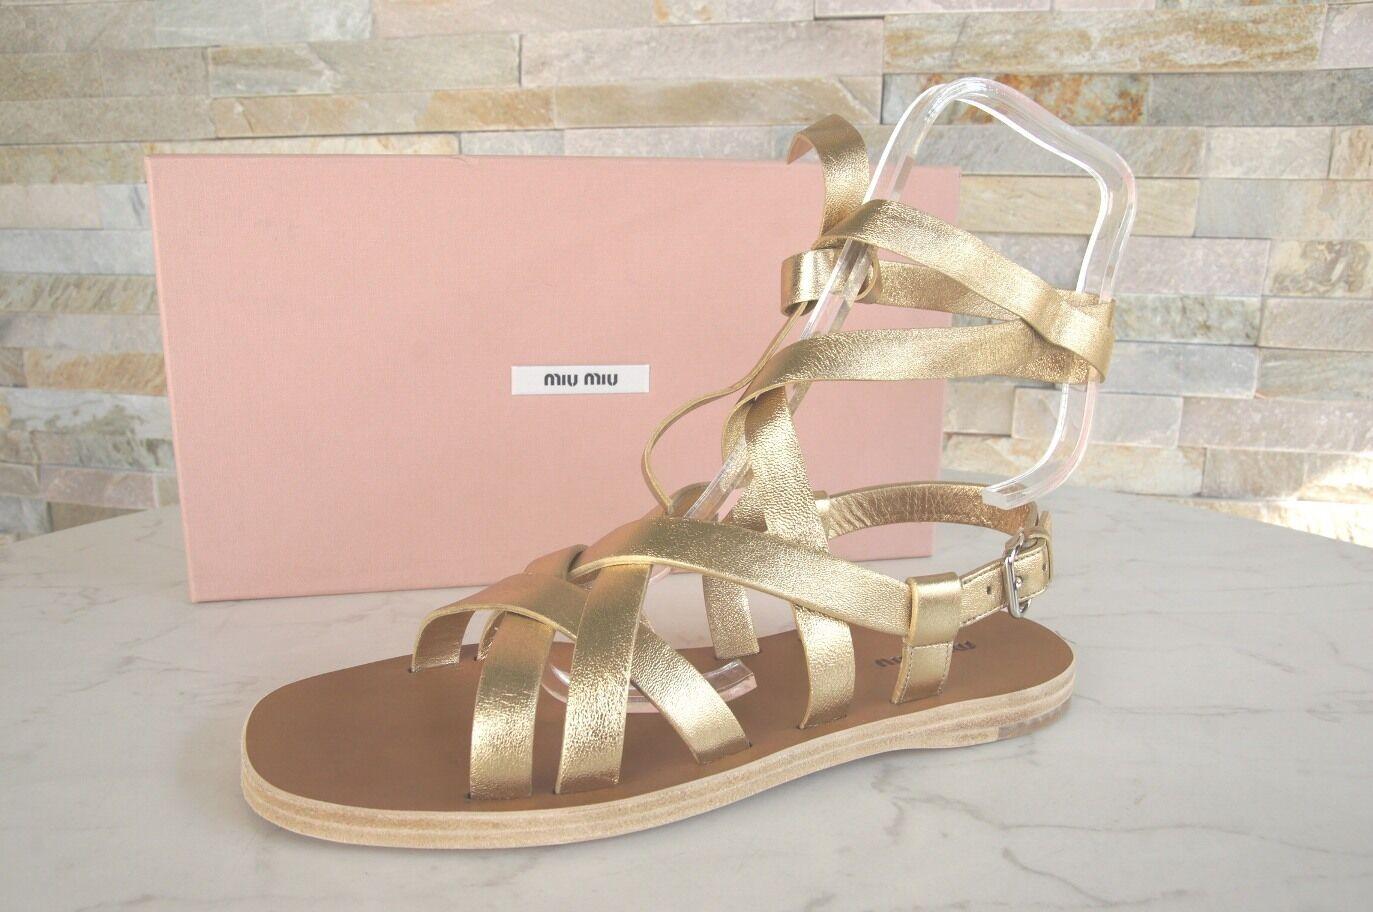 Miu Tg. 36,5 Sandali Riemensandalen shoes pelle di Agnello Platino Nuovo